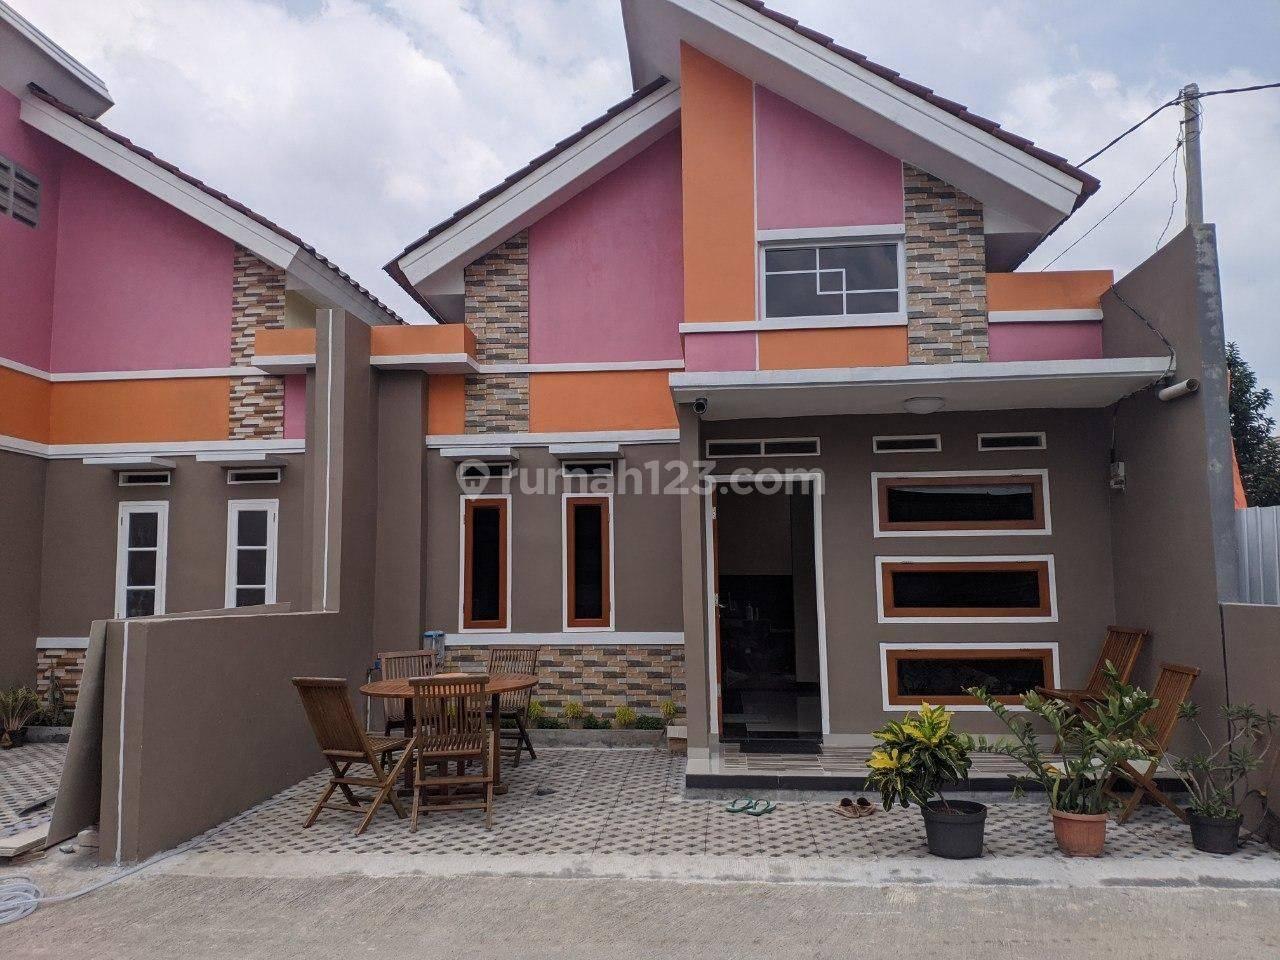 Rumah Cluster Minimalis Termurah Di Beji Depok Siap Huni